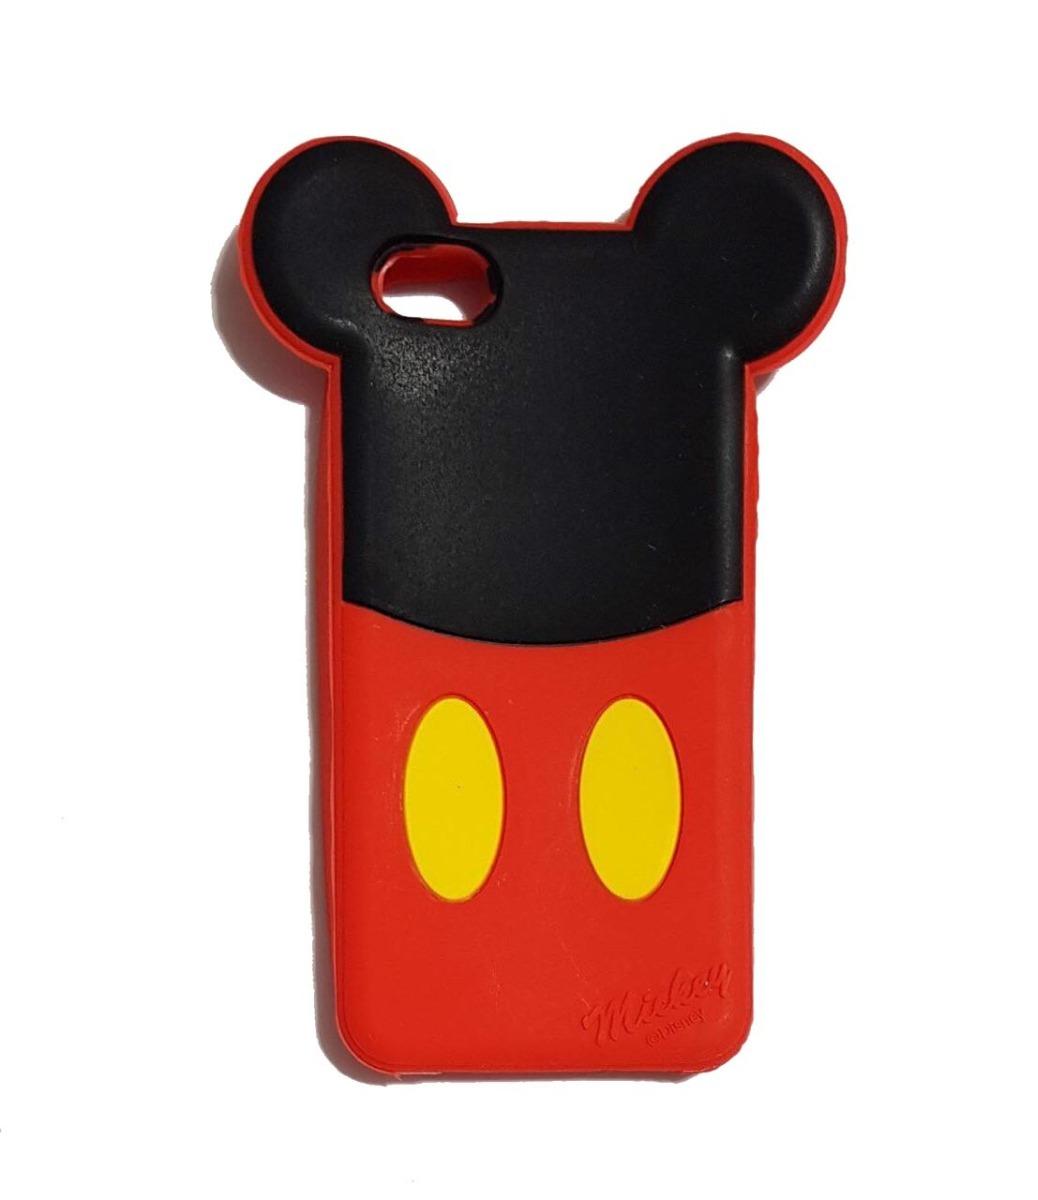 d69b5e4b38f Funda Silicona Mickey iPhone 5 / 5s / 5g - $ 120,00 en Mercado Libre